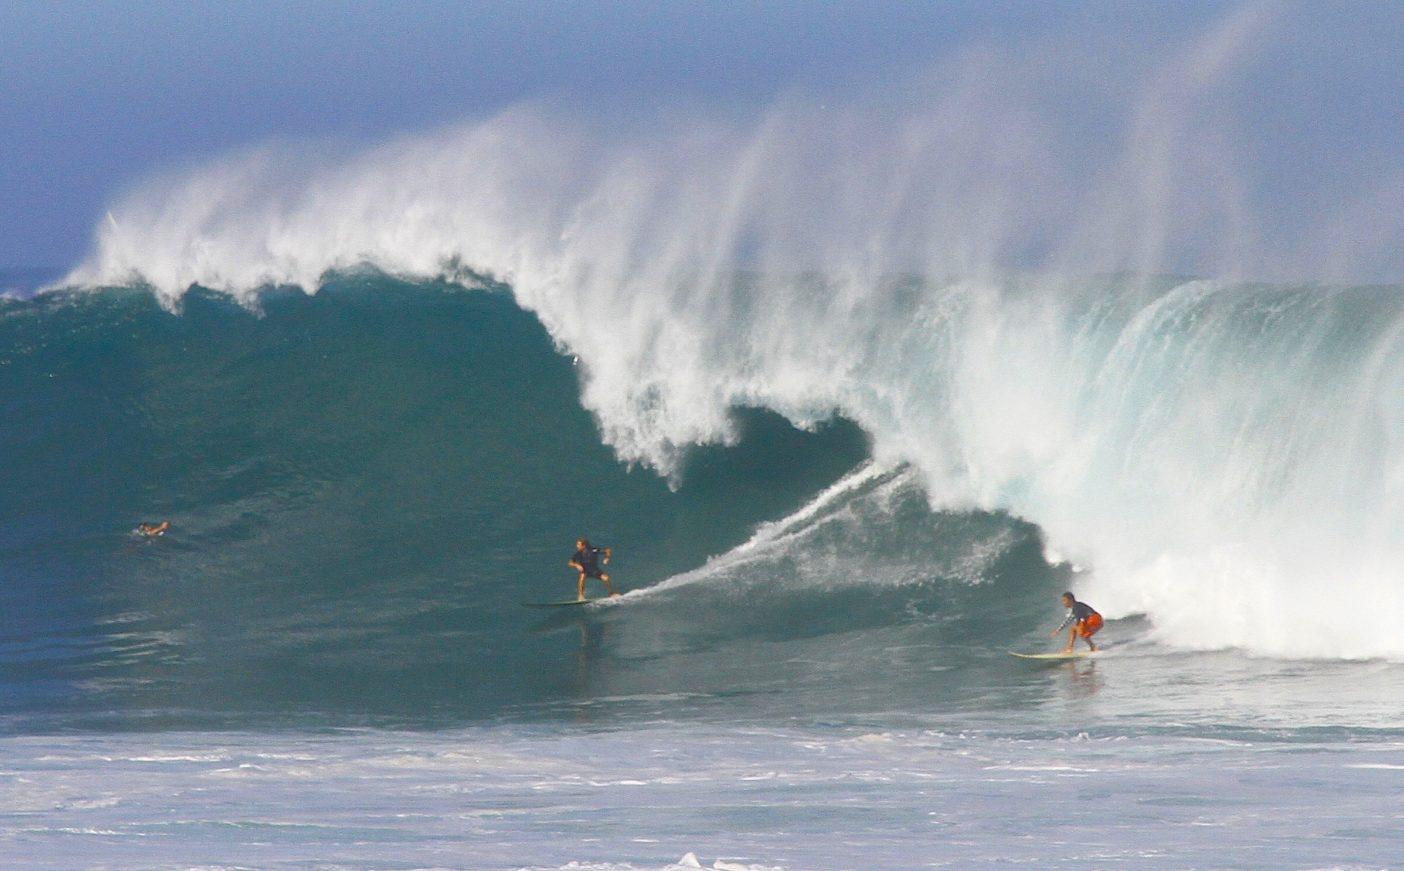 仕事として、挑戦としてのサーフィング。ハワイ、ワイメアベイにて。Photo: Naoka